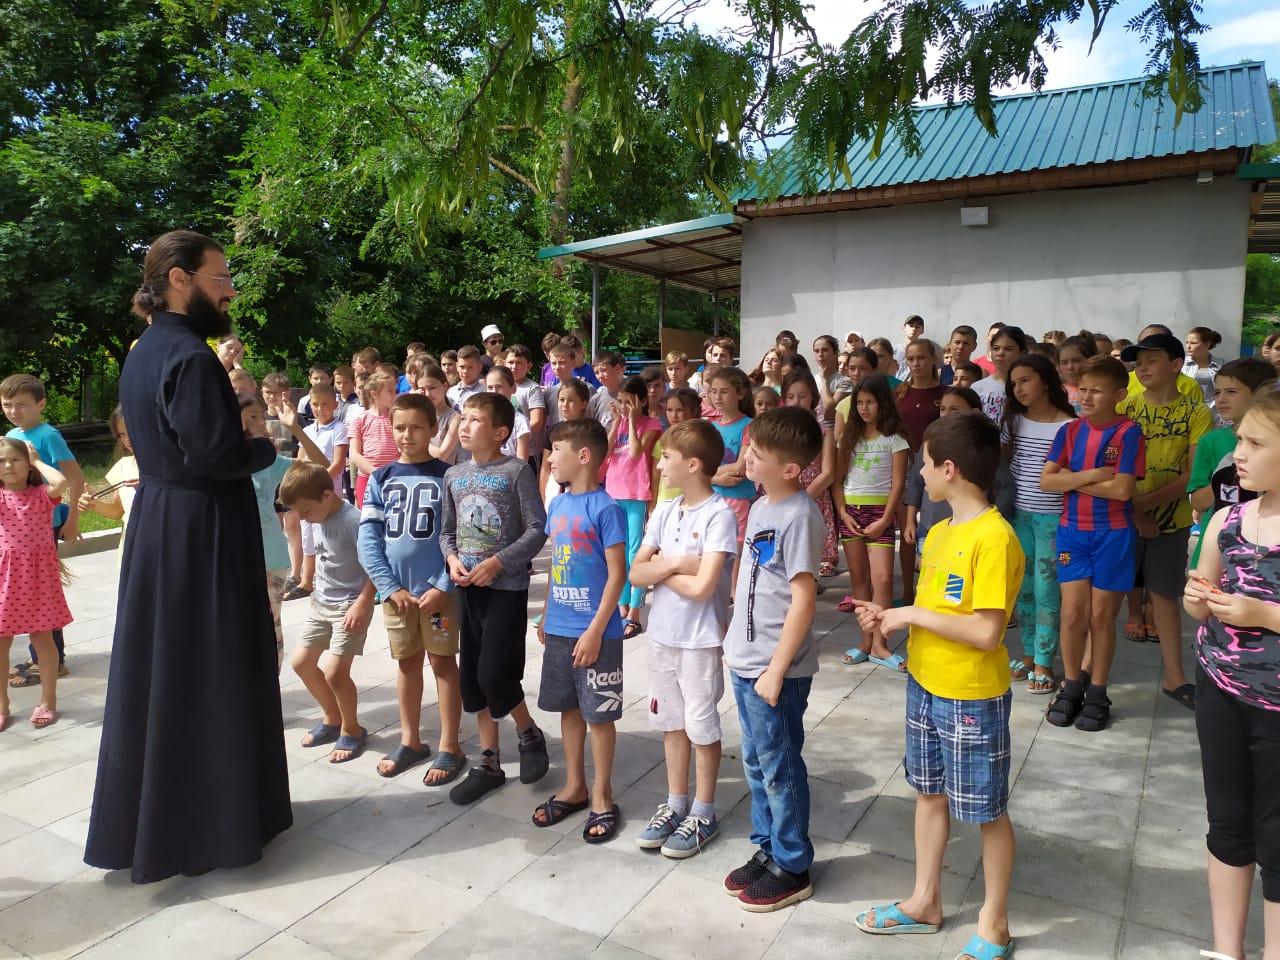 (АНОНС) Закрытие смены православного лагеря состоится 14 июля